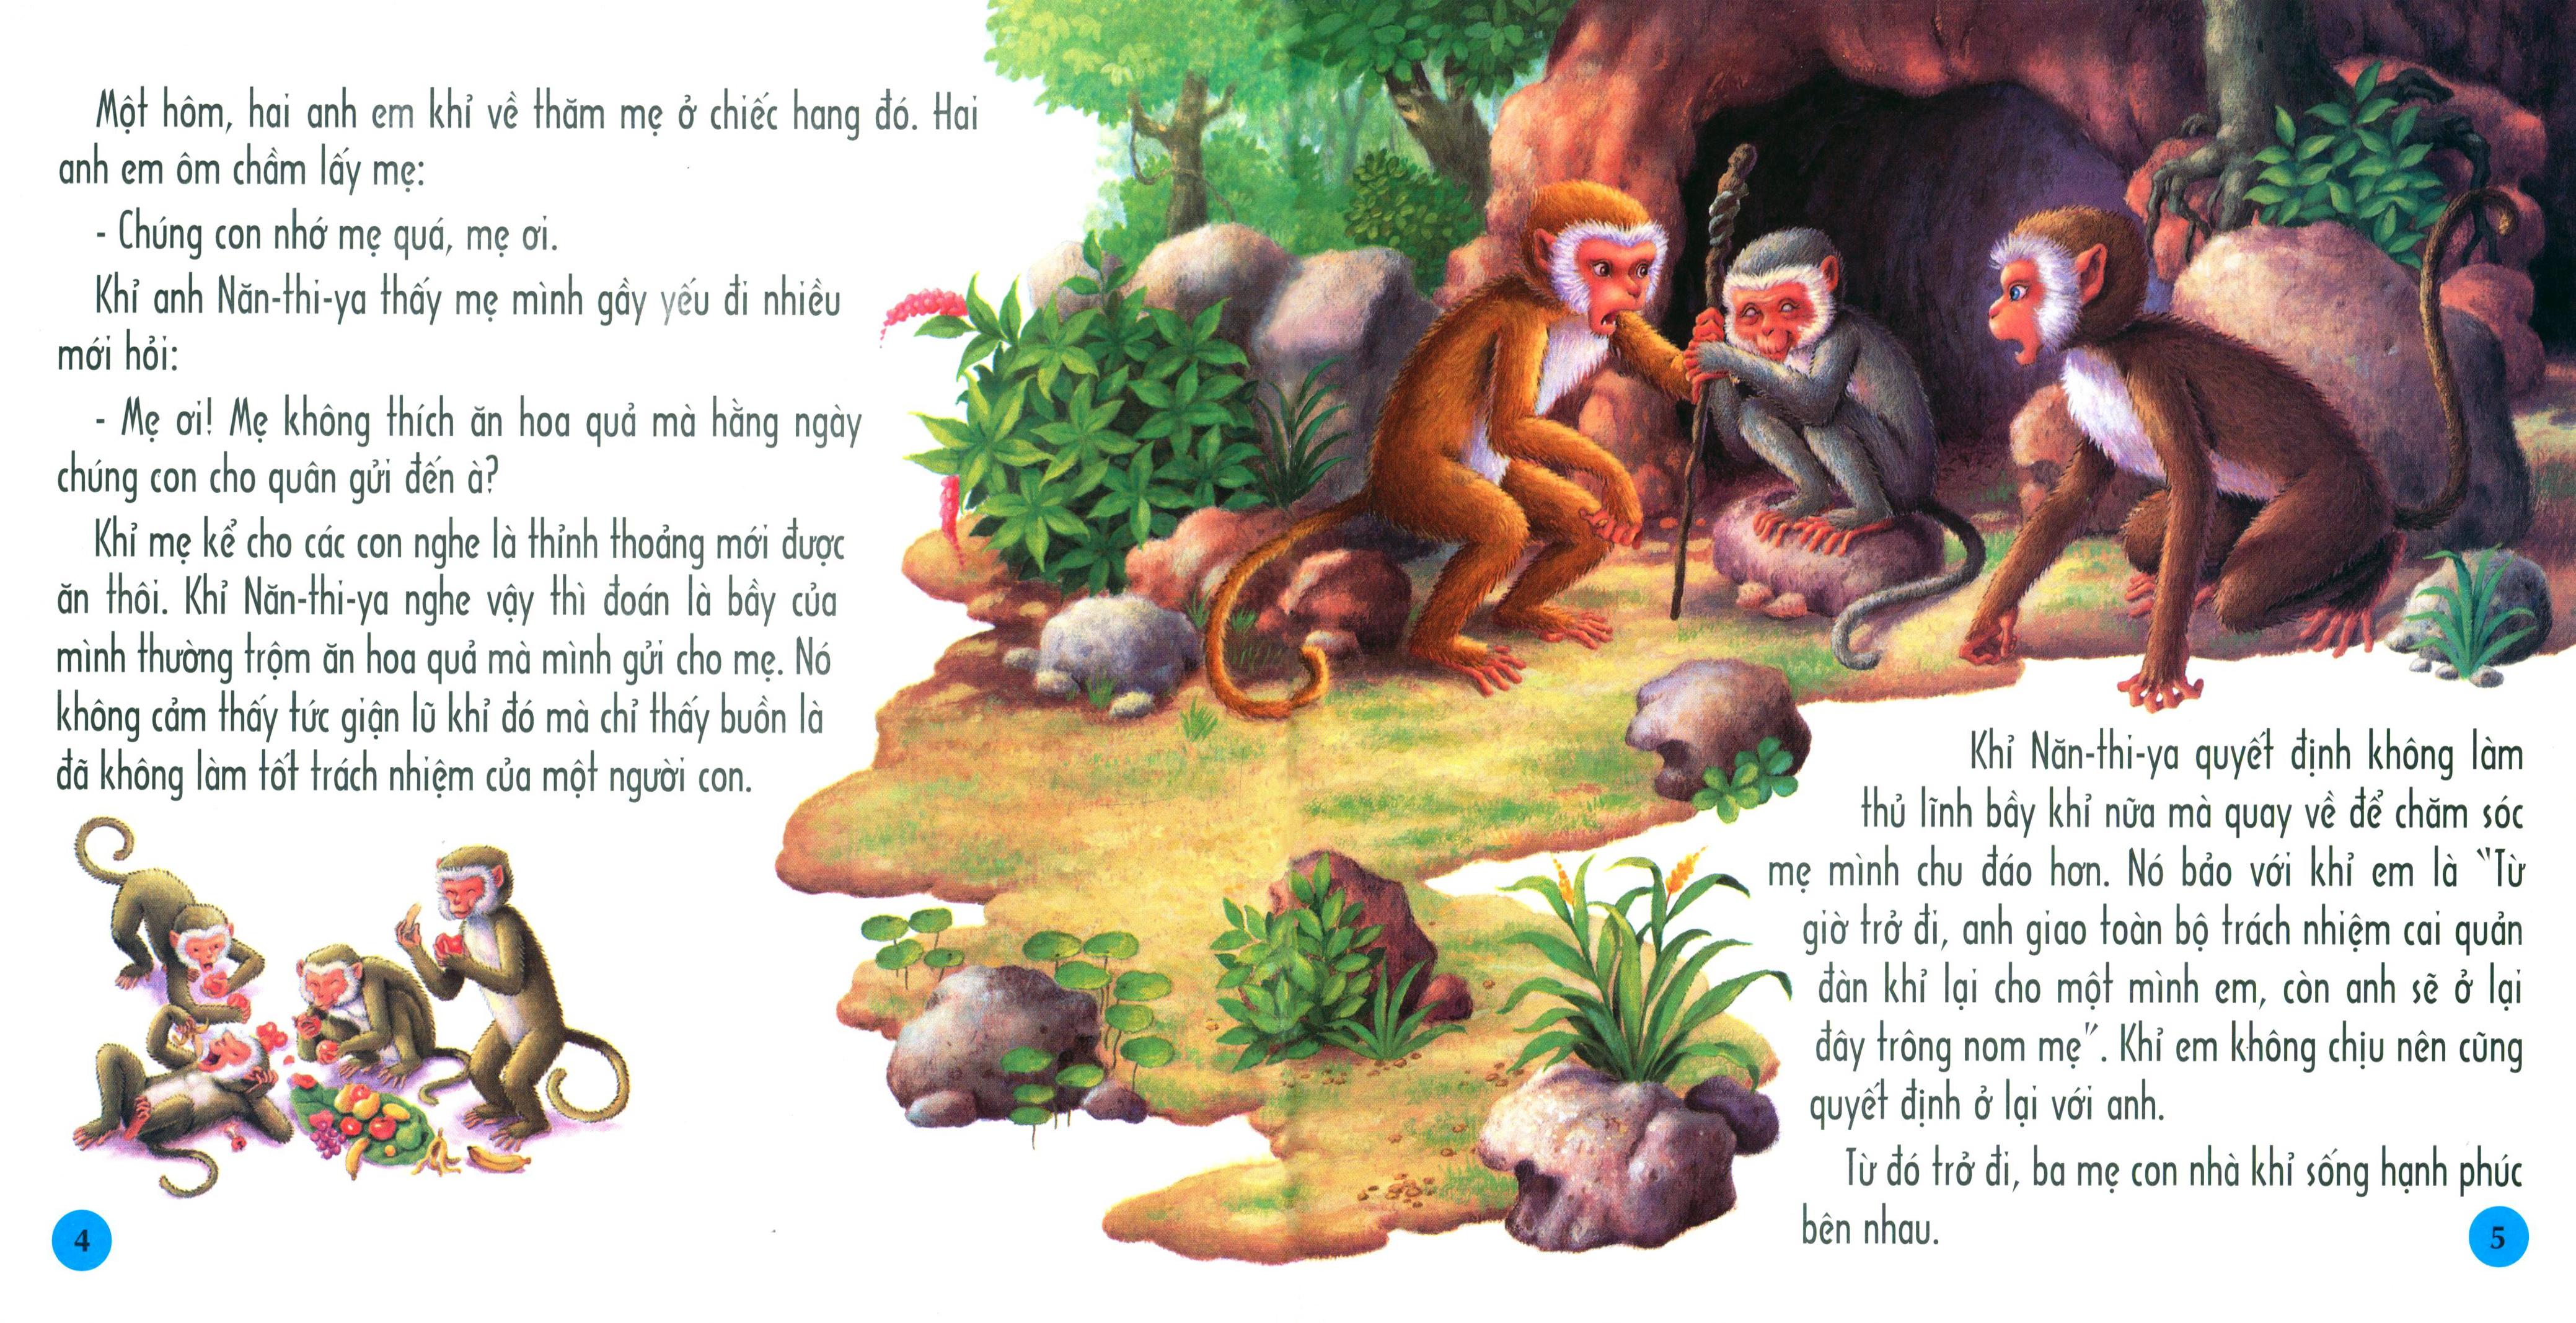 Hai anh em nhà khỉ - Truyện cổ Phật giáo Thái Lan